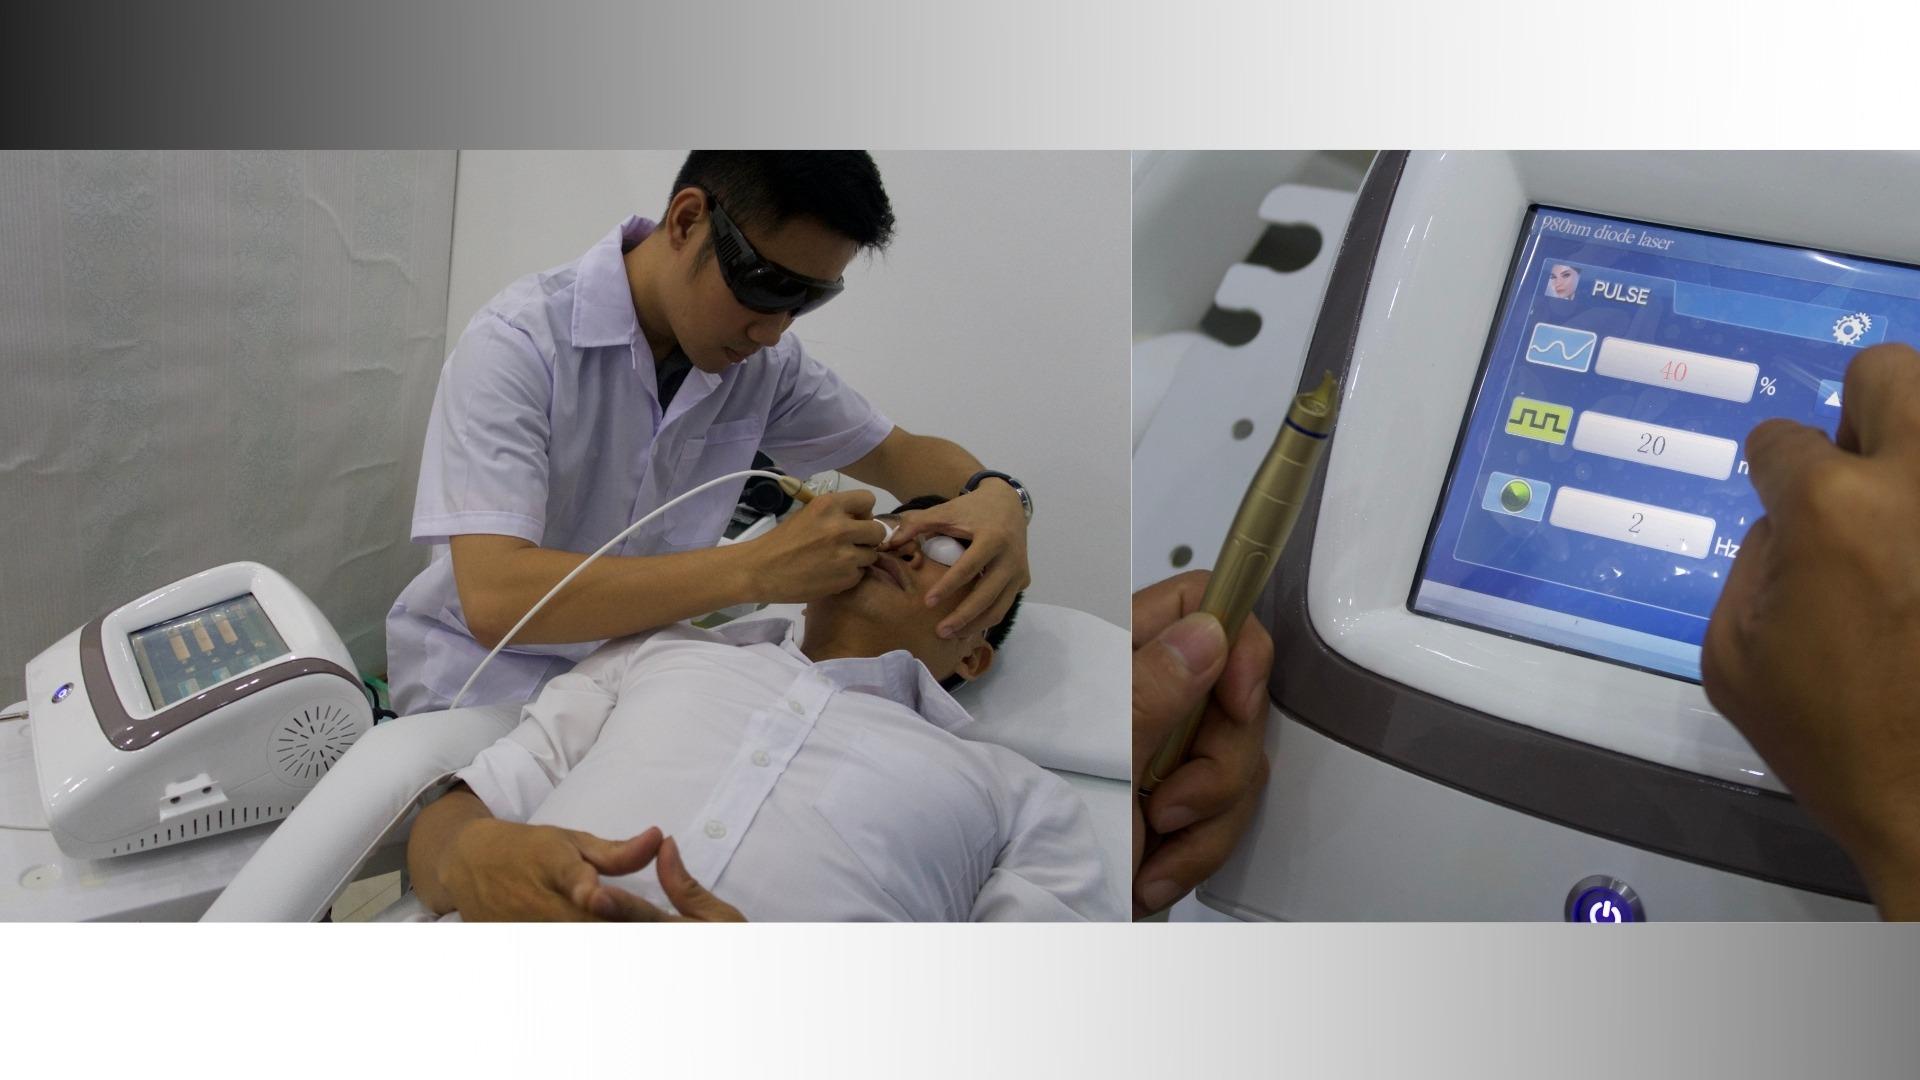 Máy điều trị mao mạch hiệu quả lần đầu tiên sử dụng